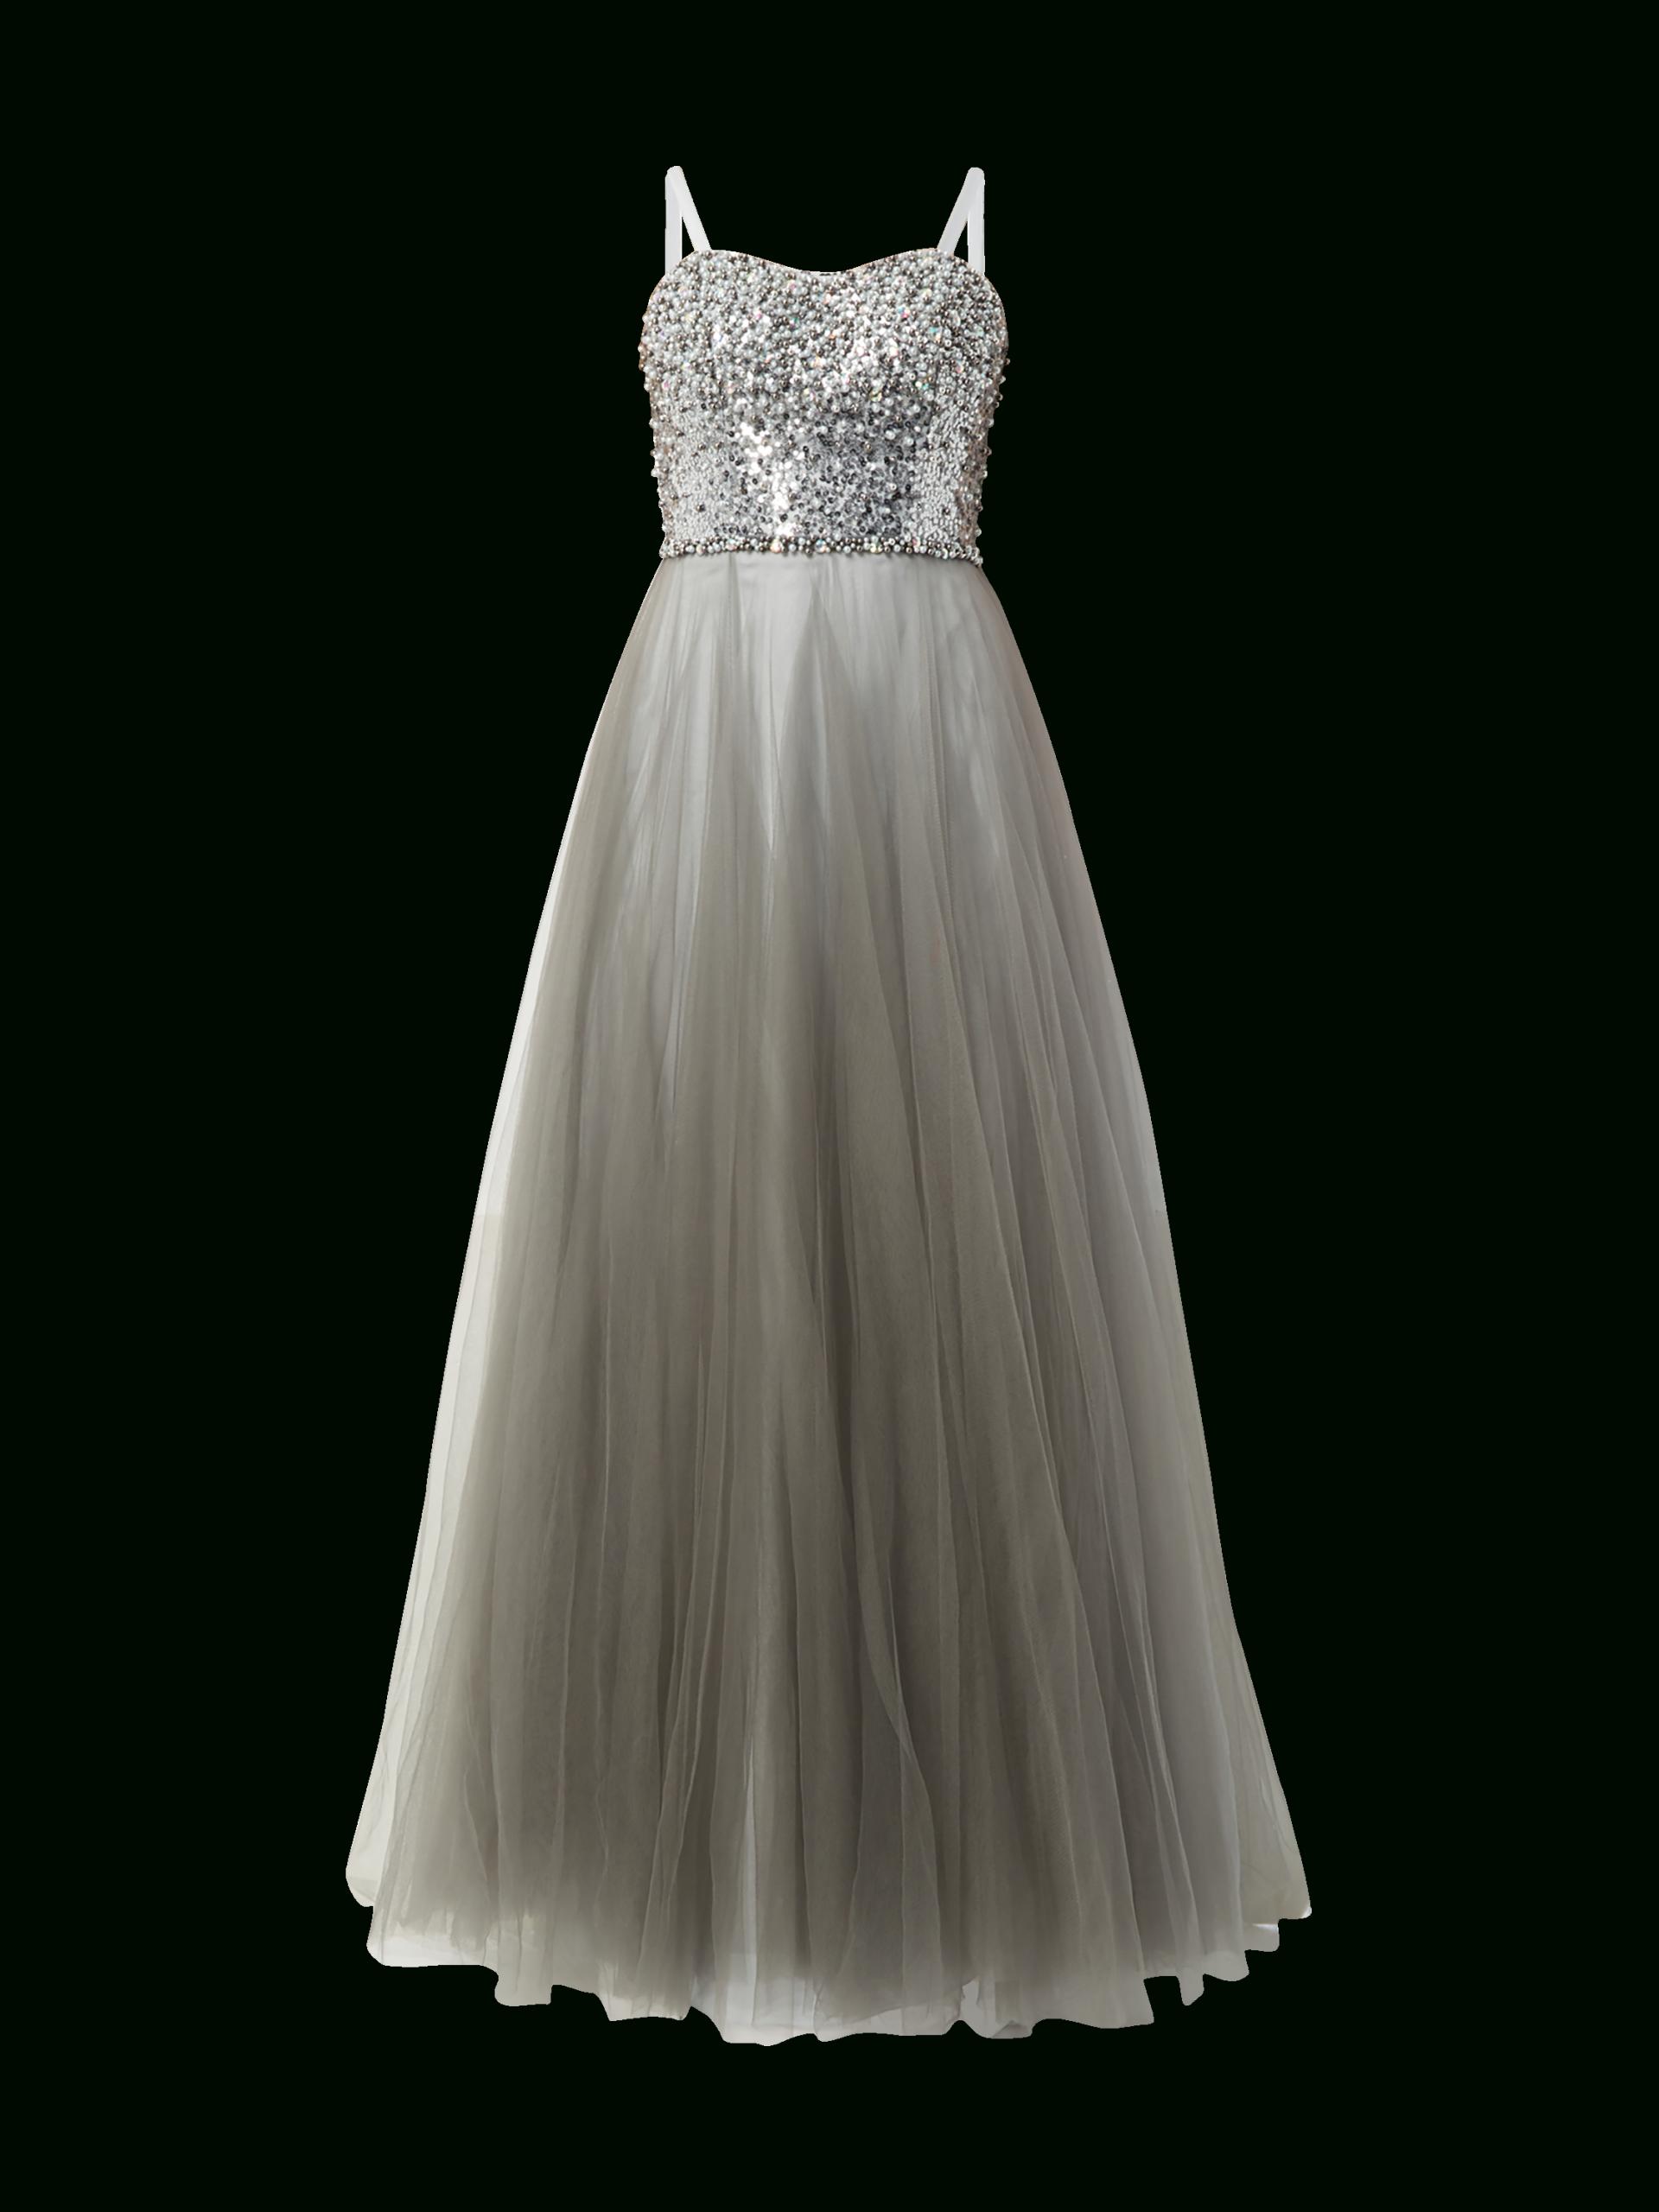 Formal Ausgezeichnet Abendkleider Cloppenburg für 2019Formal Spektakulär Abendkleider Cloppenburg Spezialgebiet